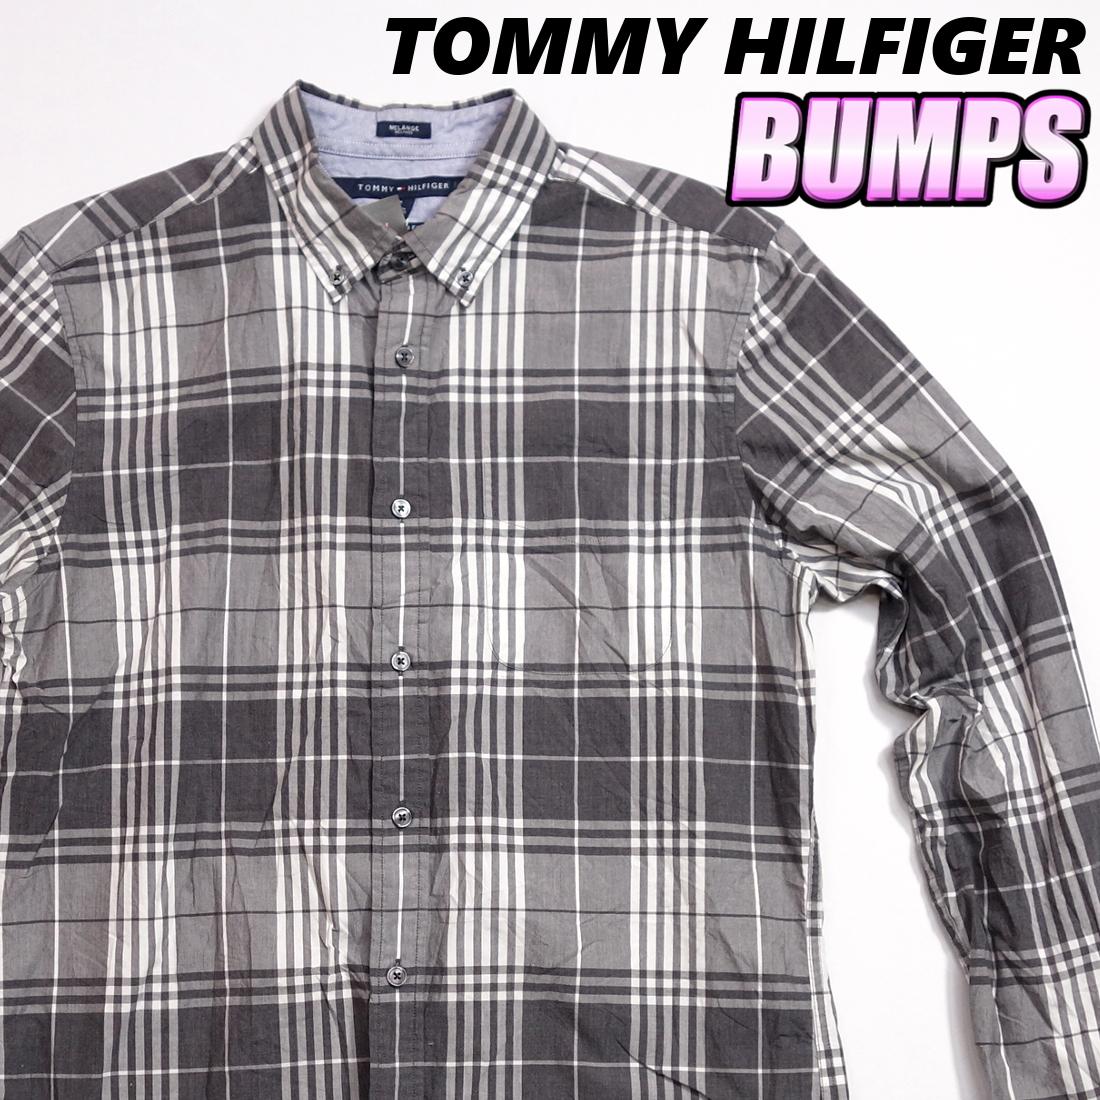 トミーヒルフィガー TOMMY チェックシャツ 長袖 メンズ M ボタンダウン カジュアル アメリカ USA直輸入 古着 MTH-3-2-0043_画像1